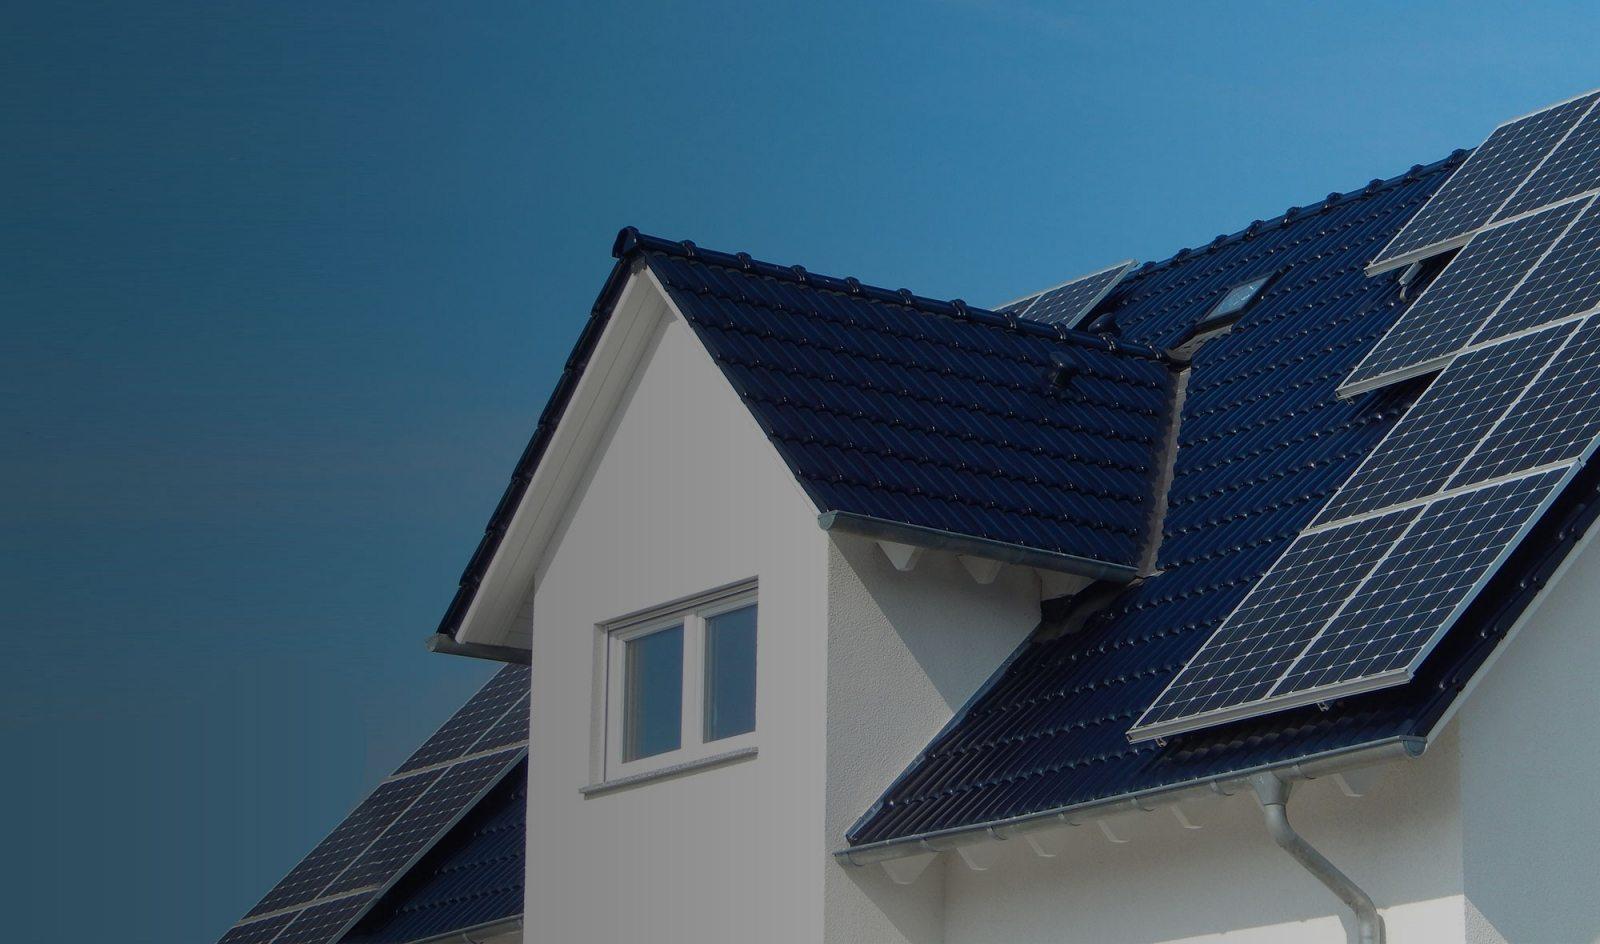 Австралійський Онслоу став першим містом в світі, що функціонує на 100% від сонячних батарей